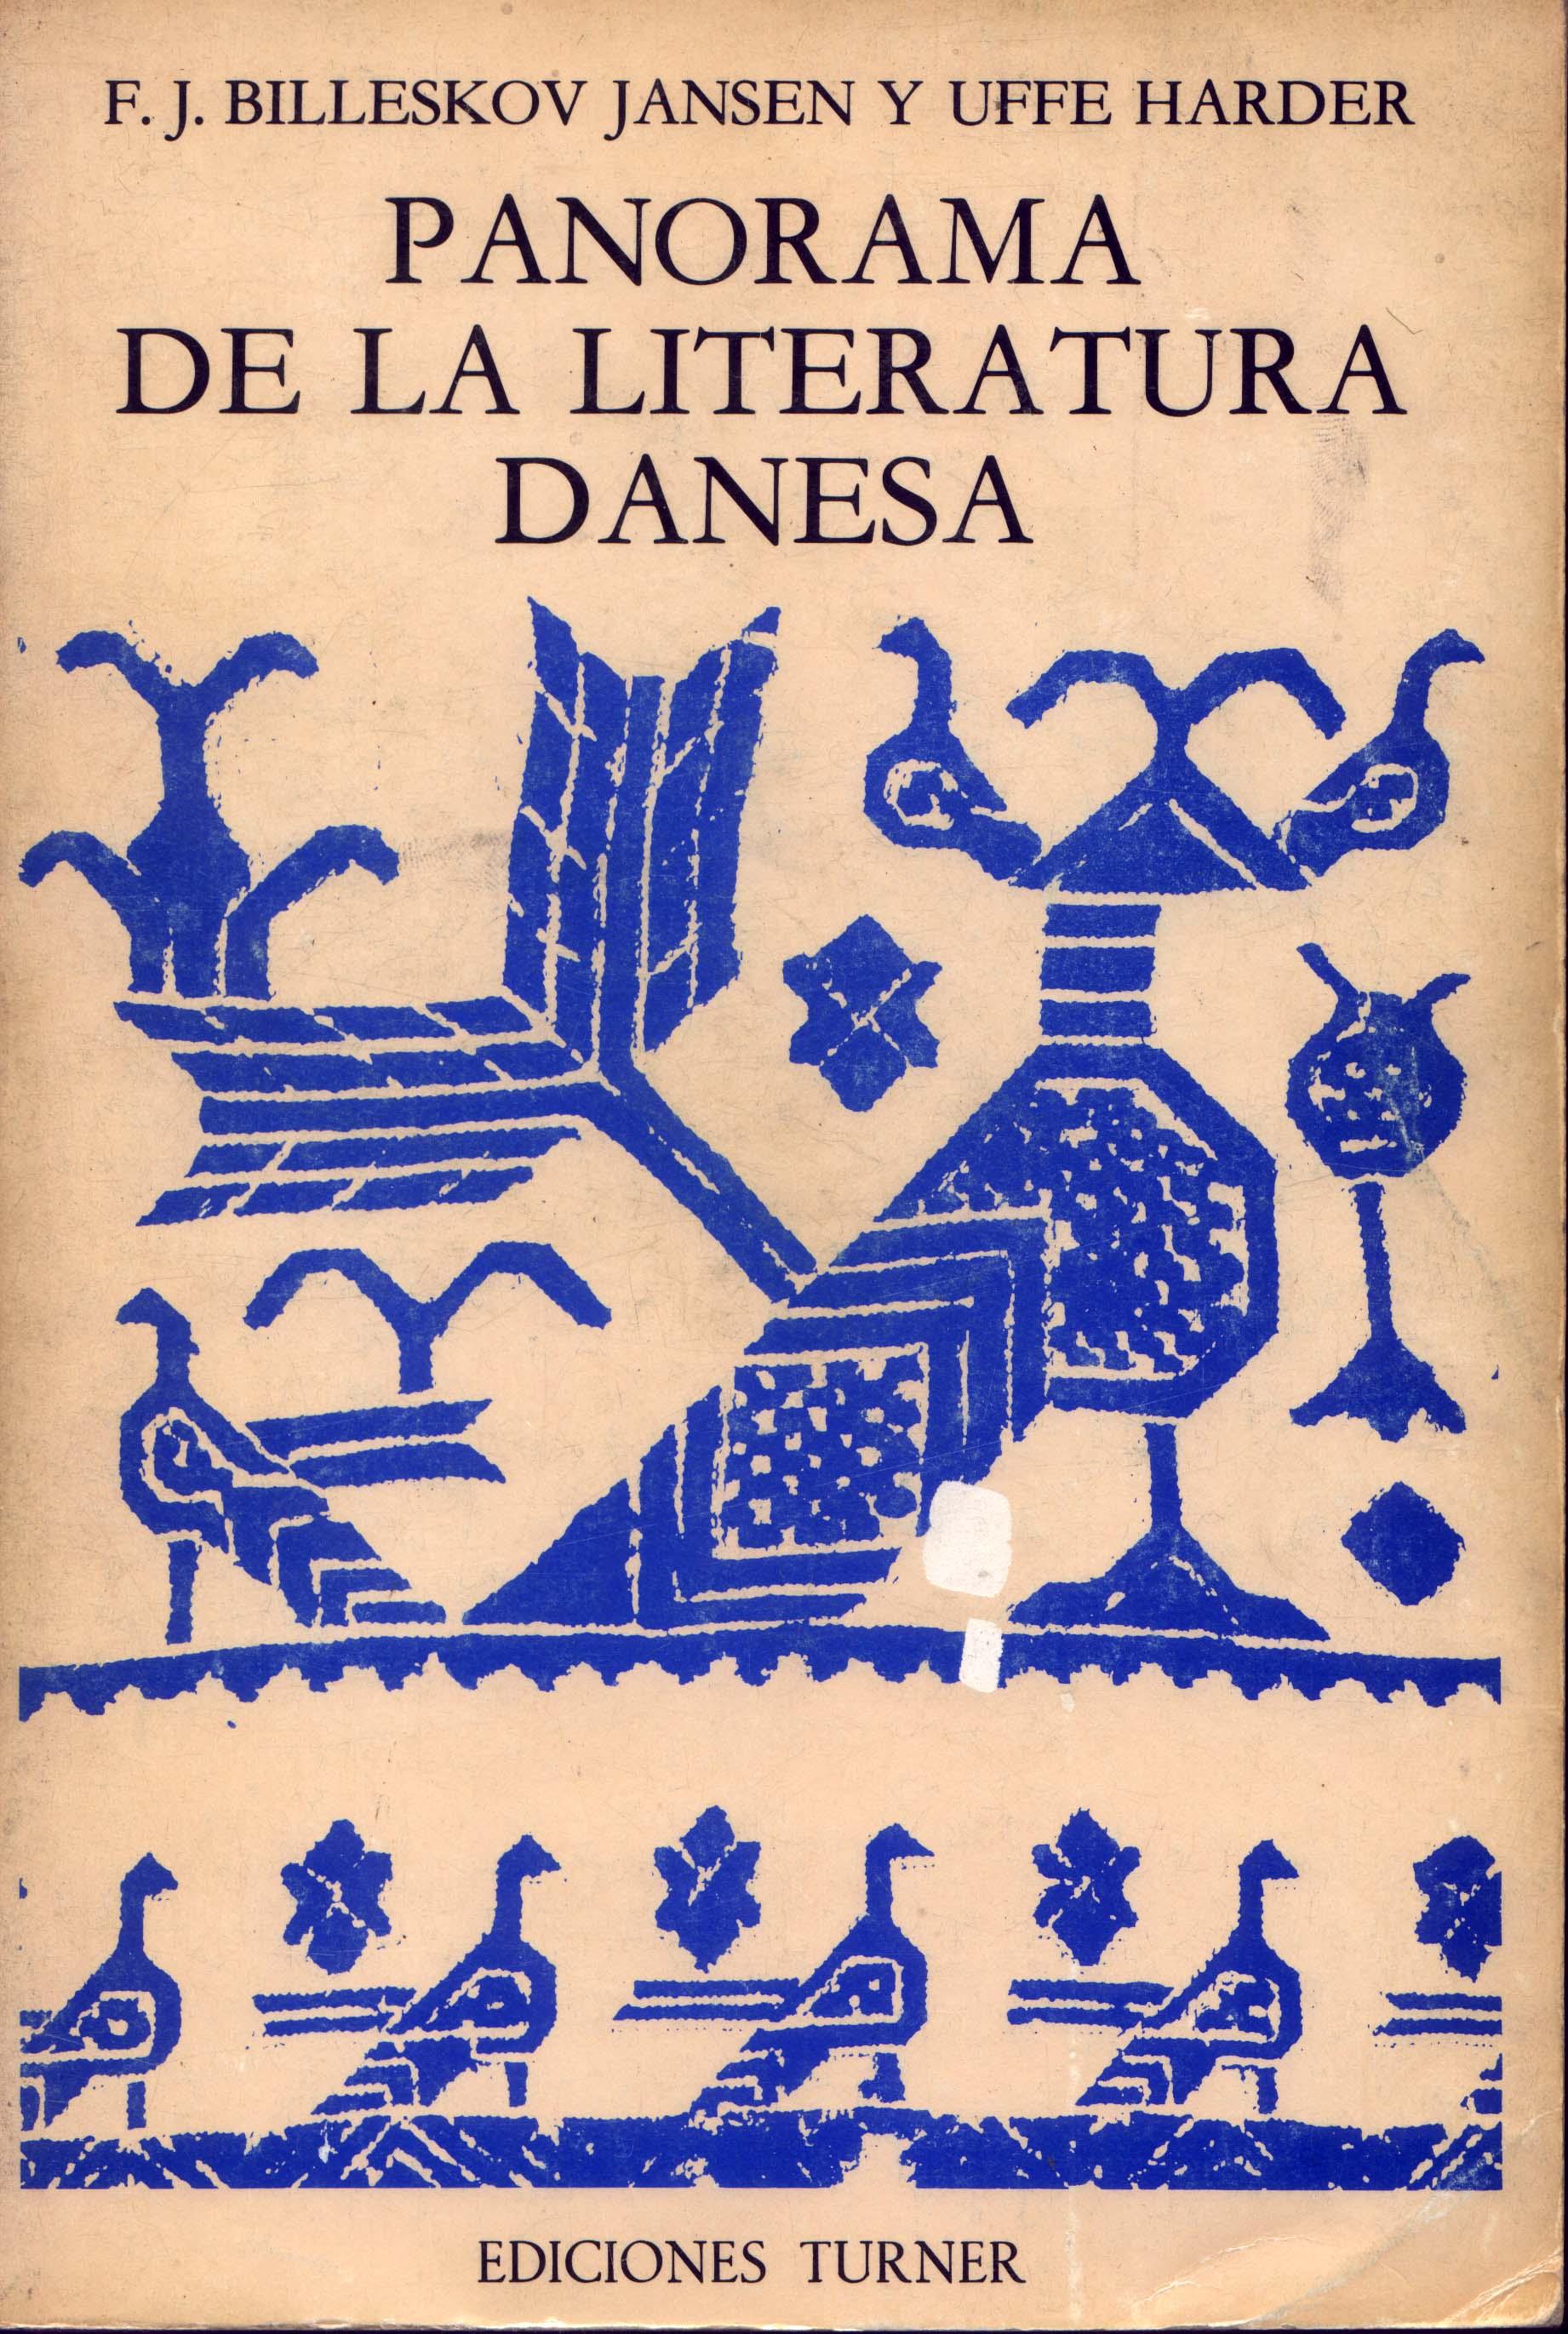 Panorama de la literatura danesa